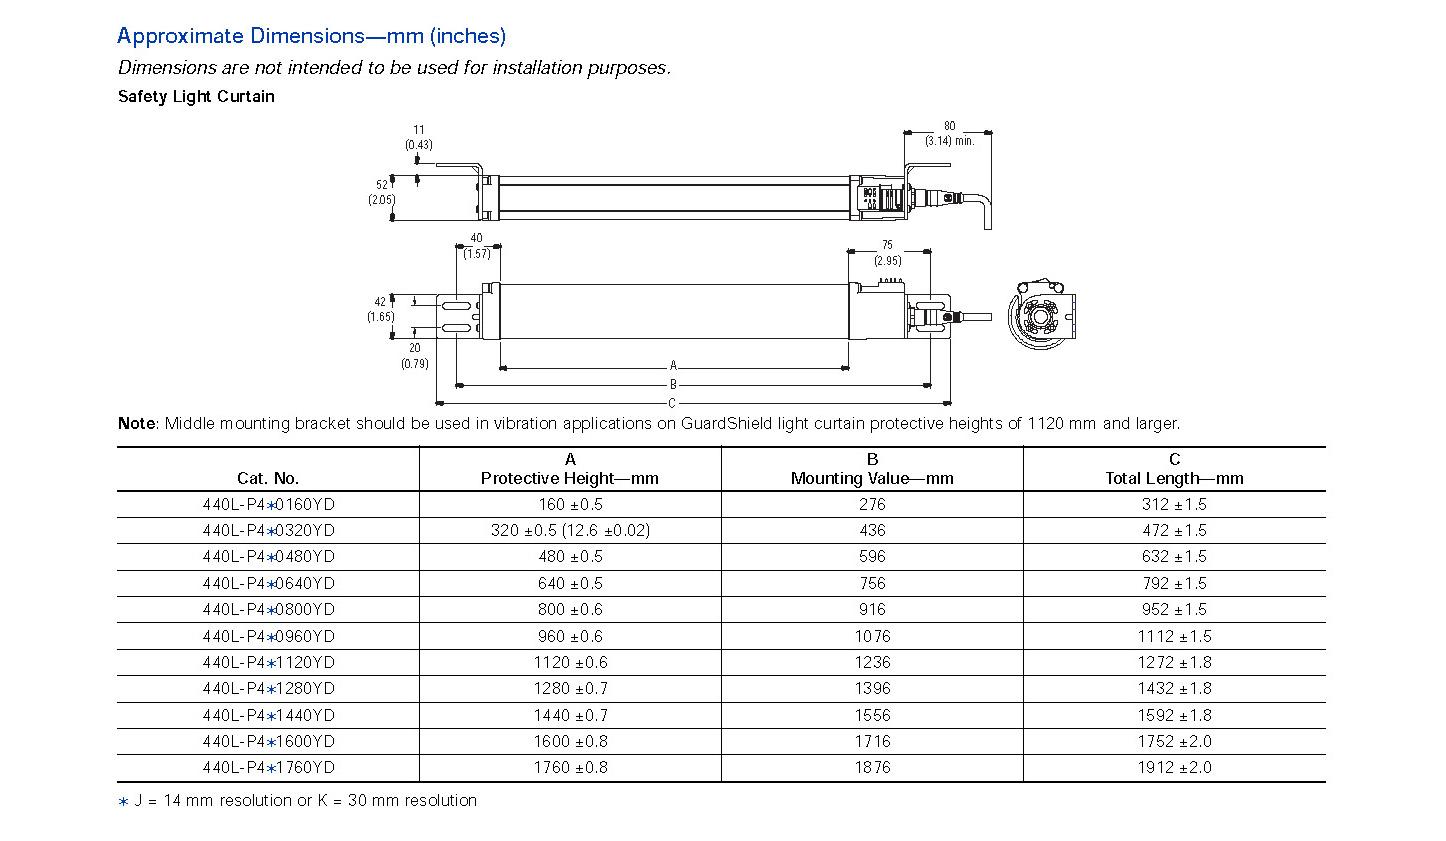 A B 440l P4kl0640ya Guardshield Typ Dimensions Wiring Diagram